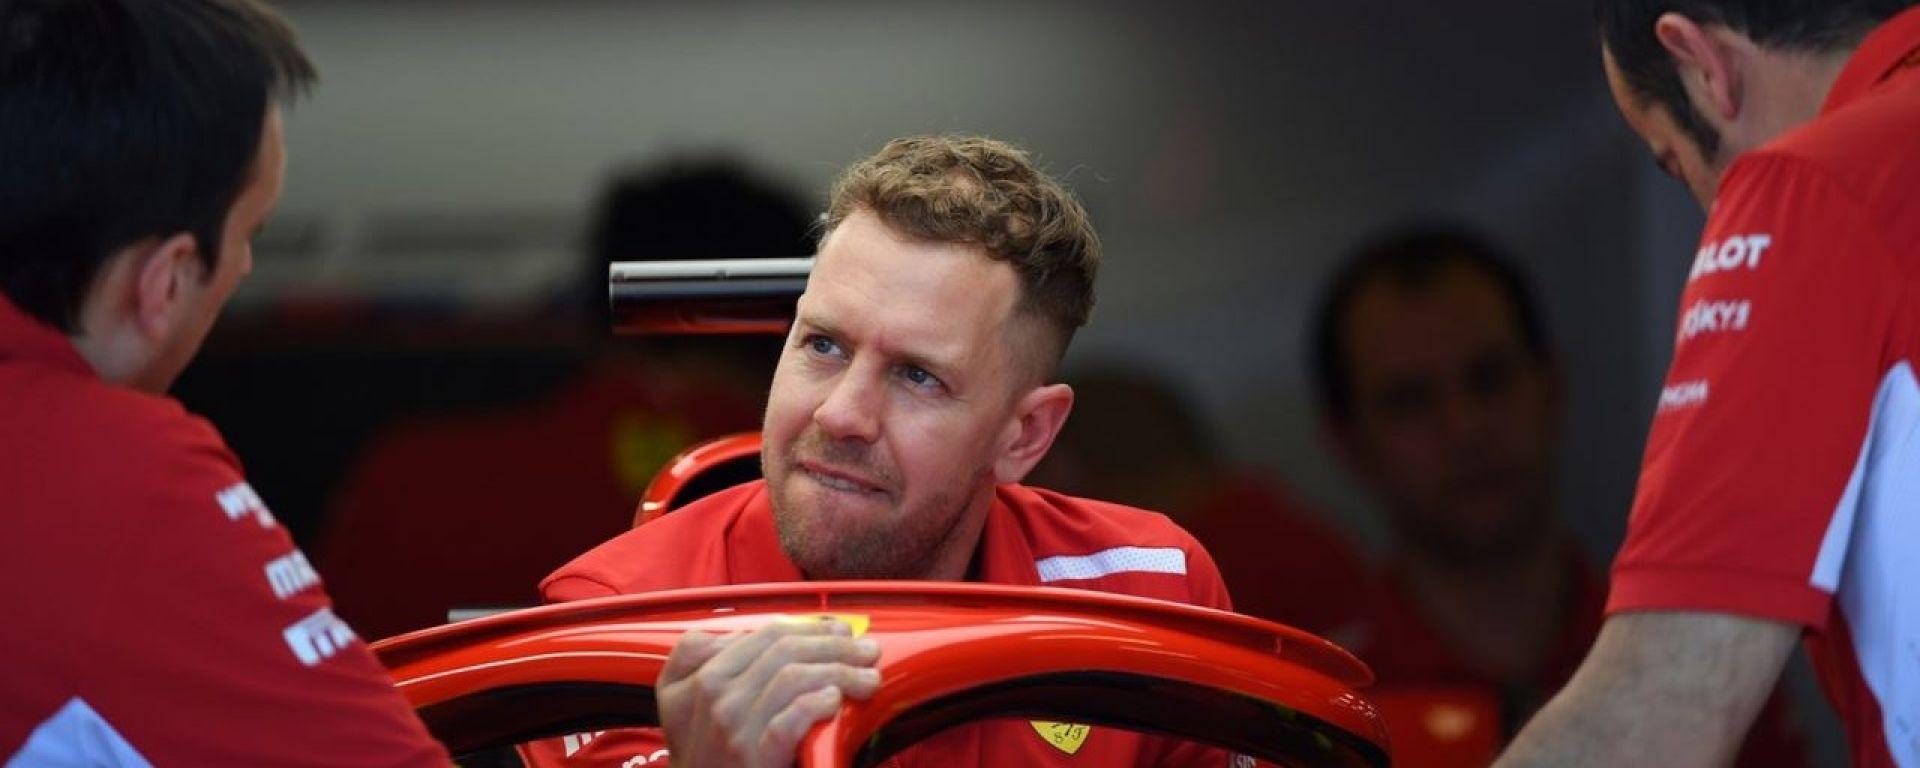 """Vettel si traveste da psicologo e si auto-analizza: """"Io, il mio nemico"""""""